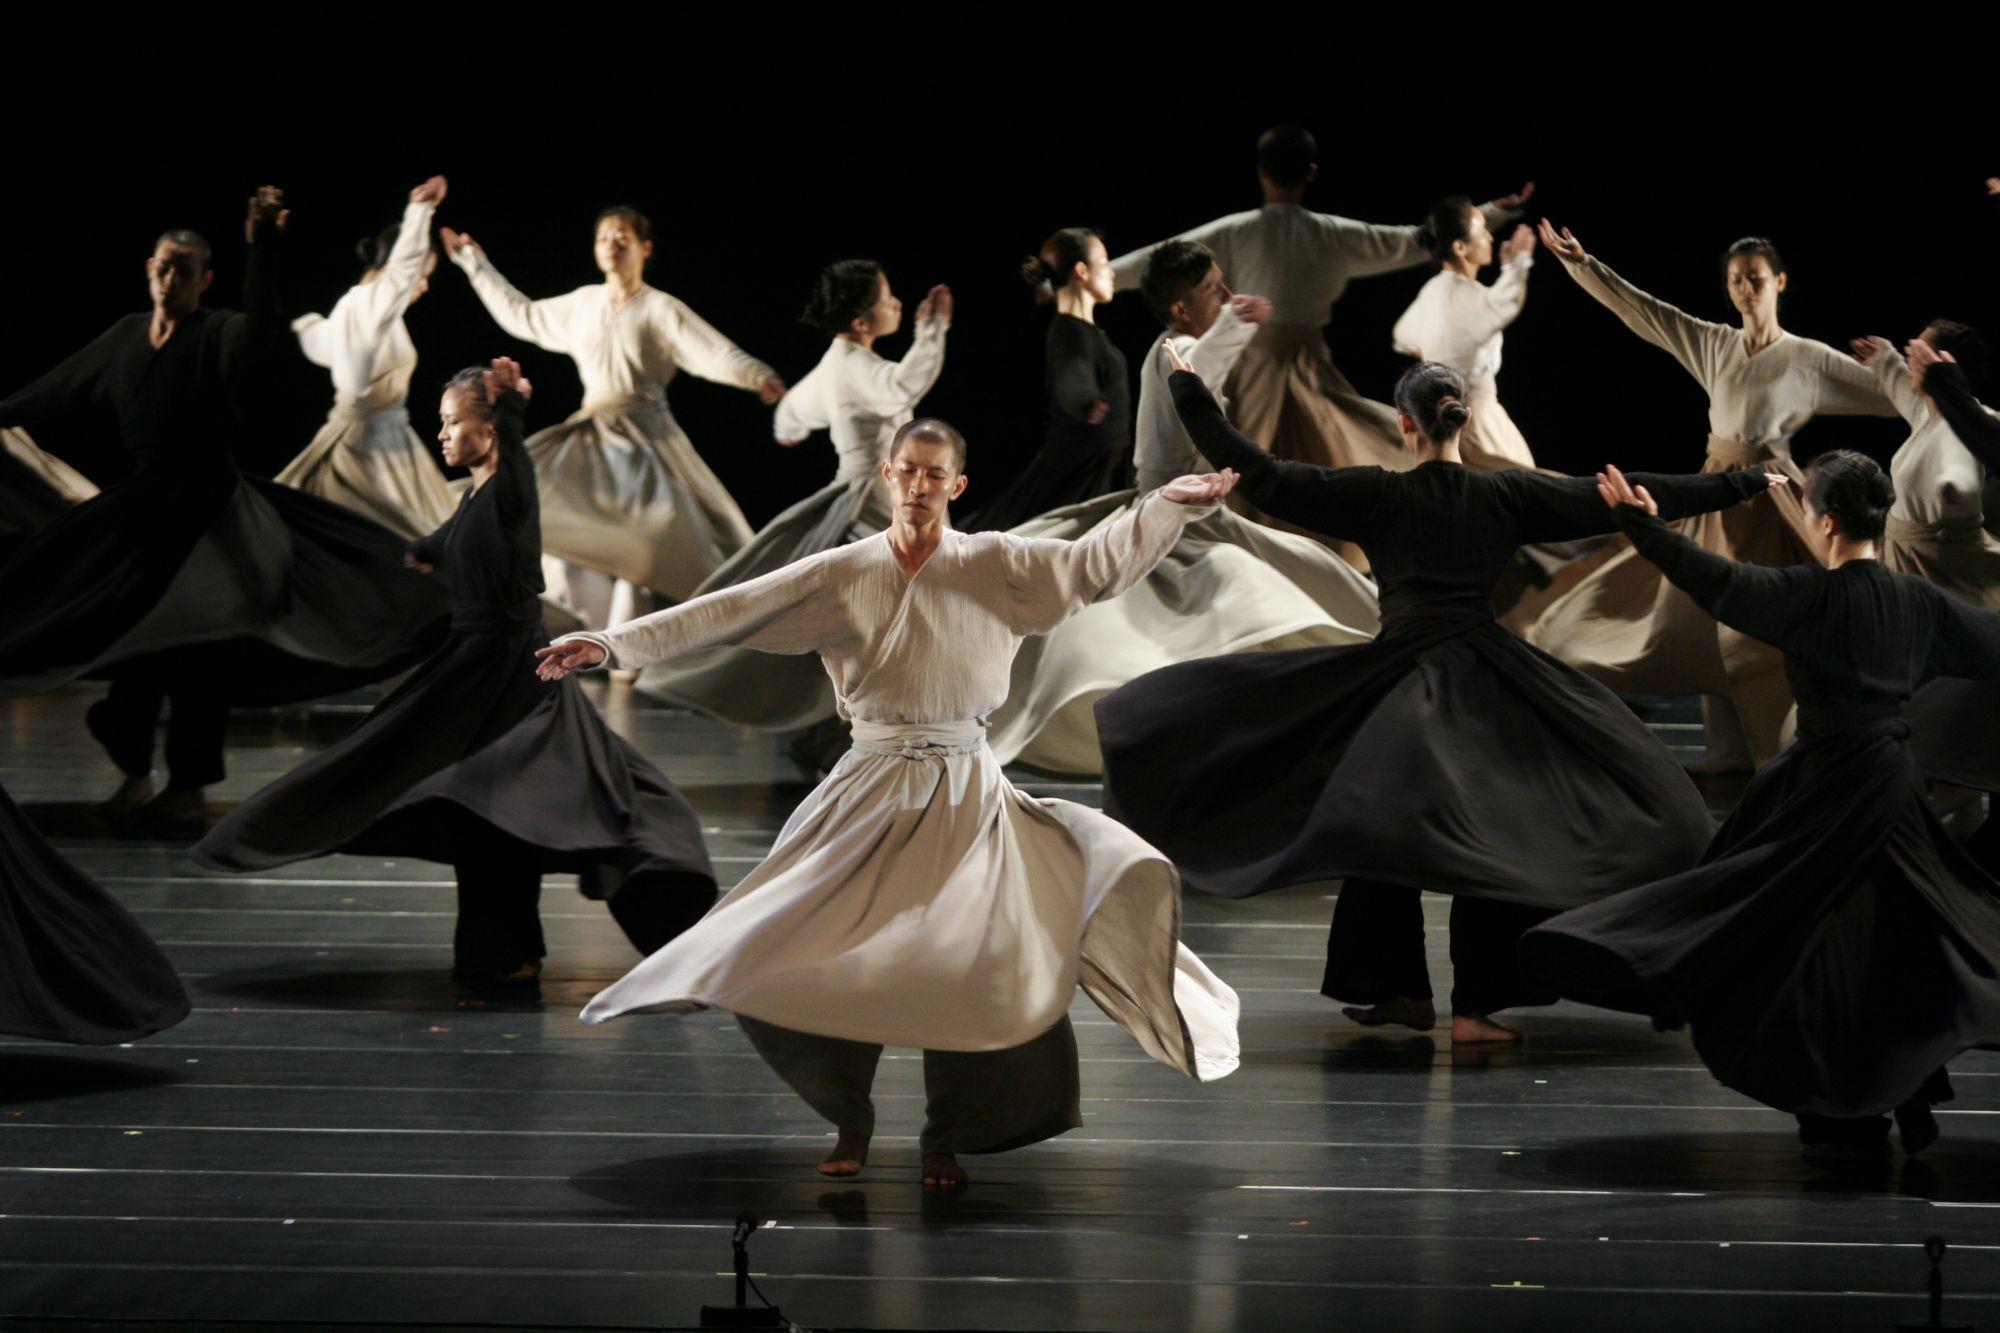 優人神鼓《與你共舞》:以鼓、以舞、以詩樂踏上壯闊的生命之旅